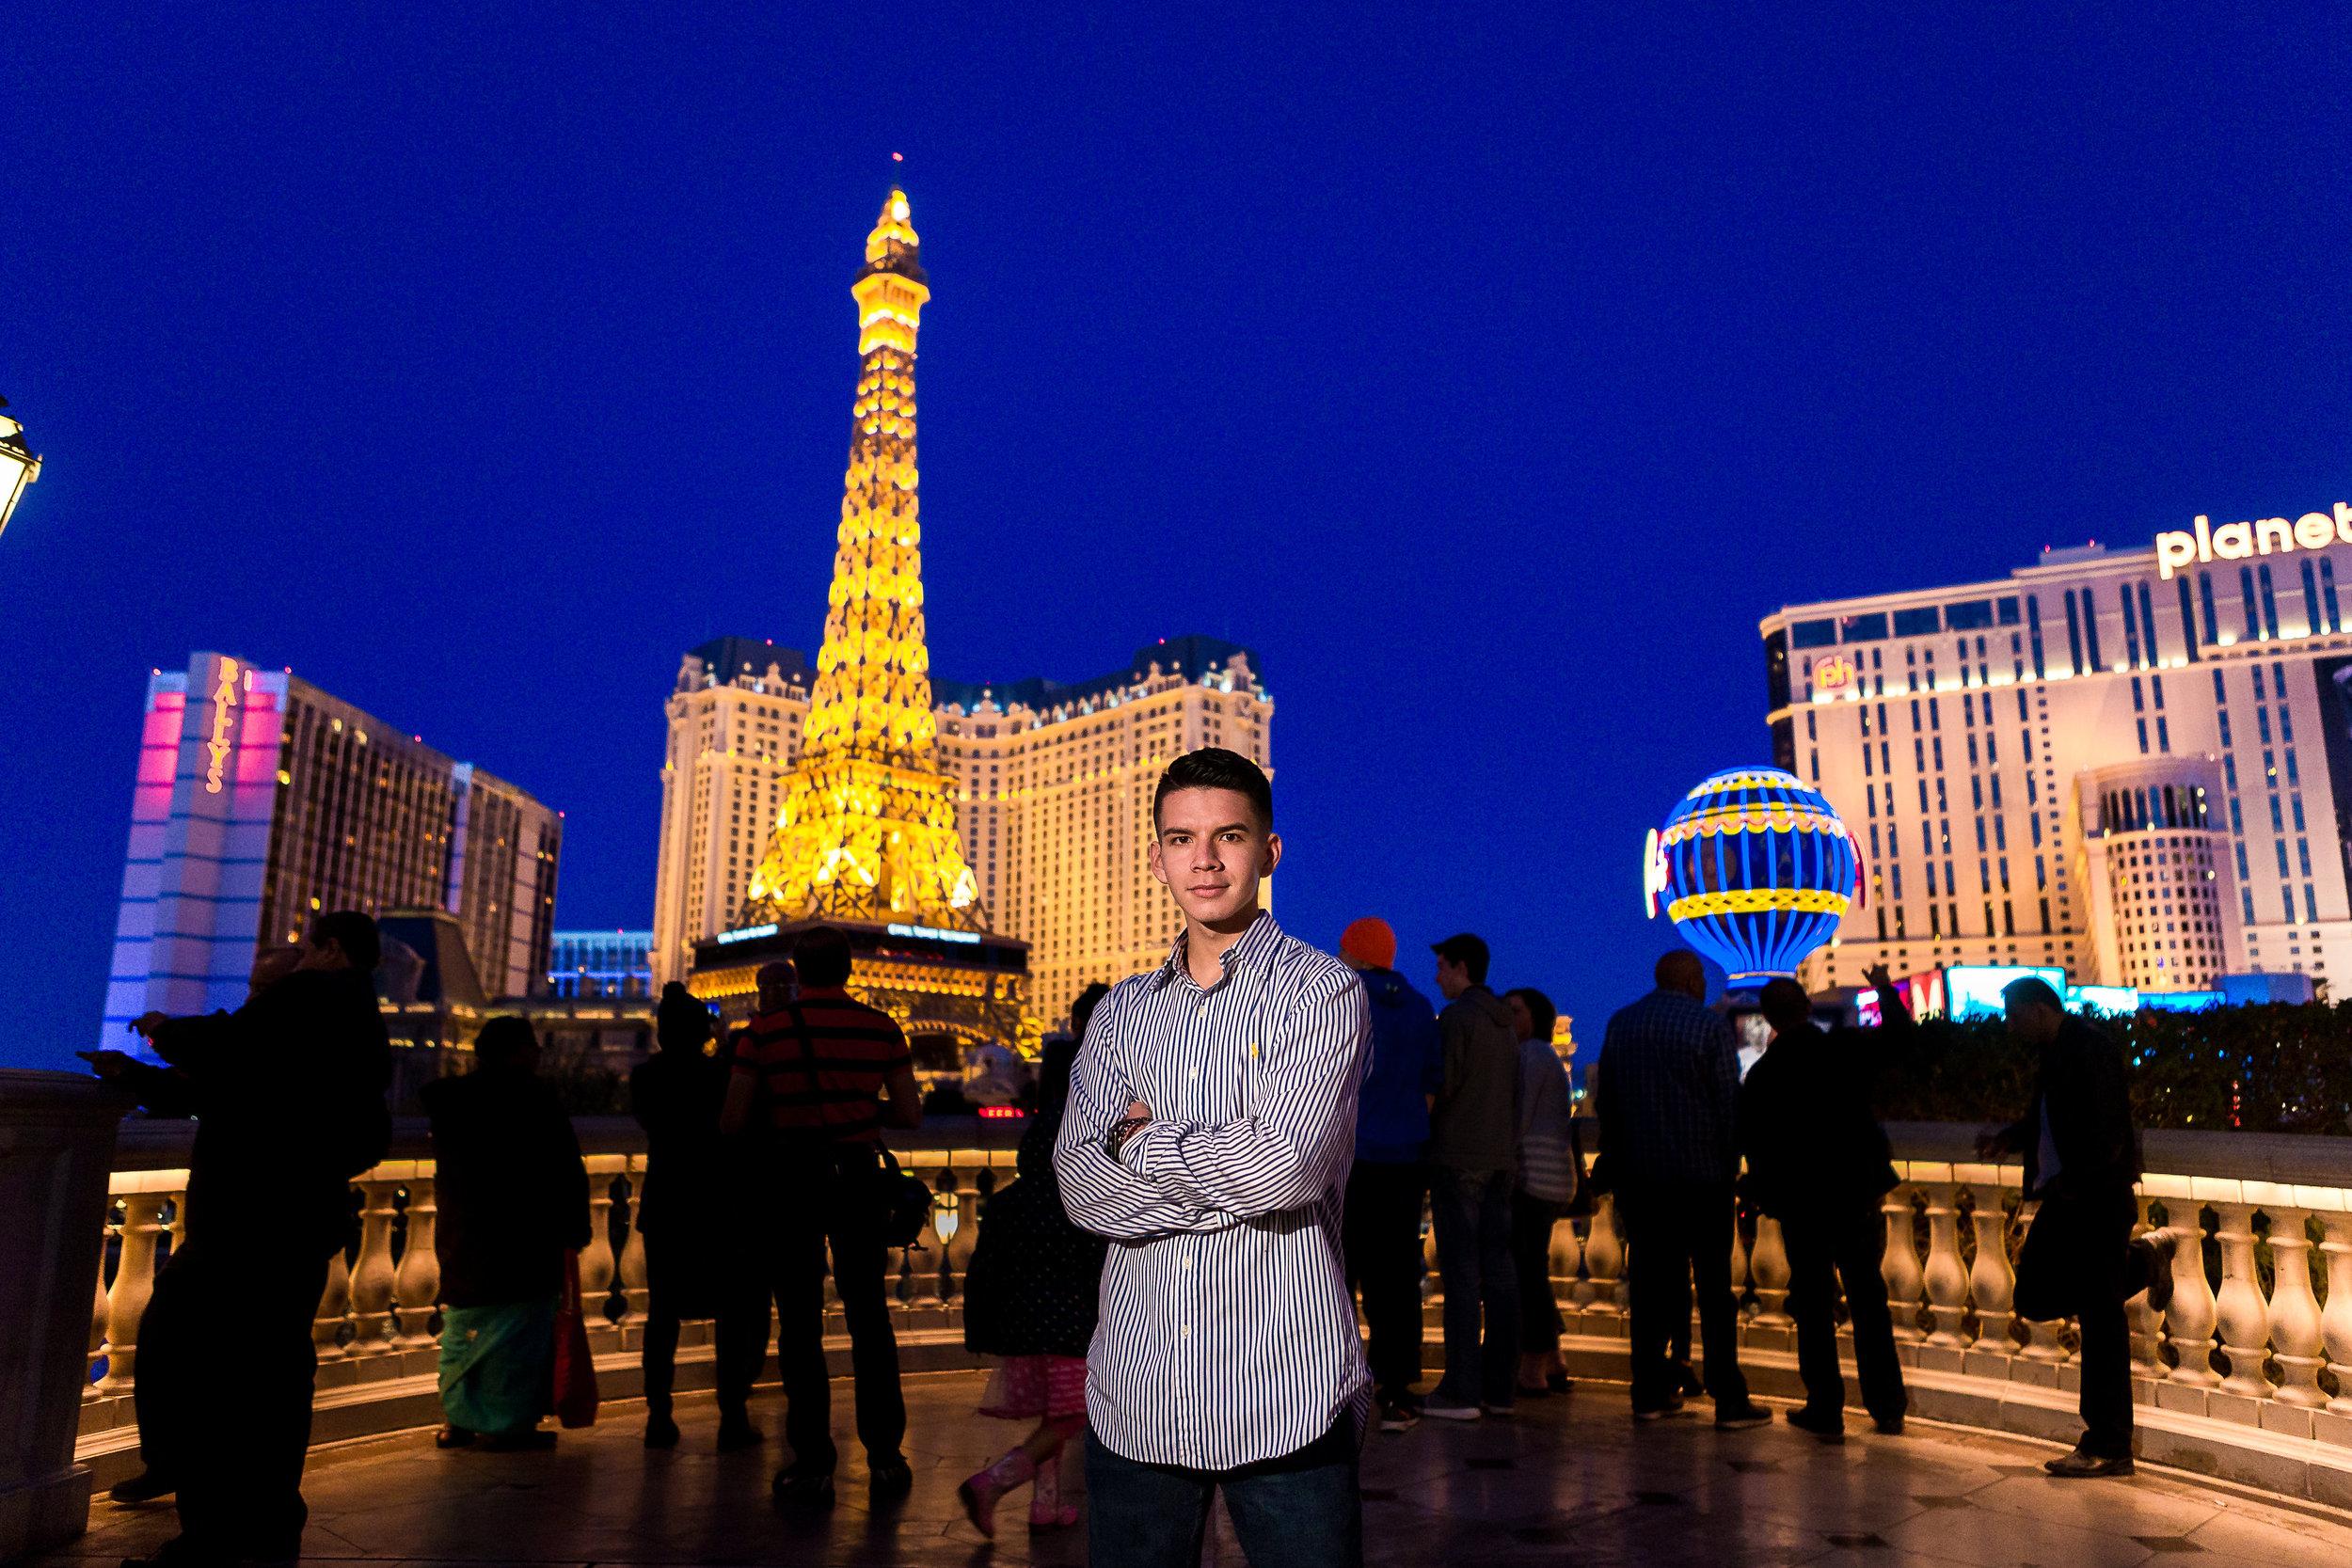 Las_Vegas_HS_Senior_Photos_Bellagio_Paris_Caesars_Portraits-0253.jpg